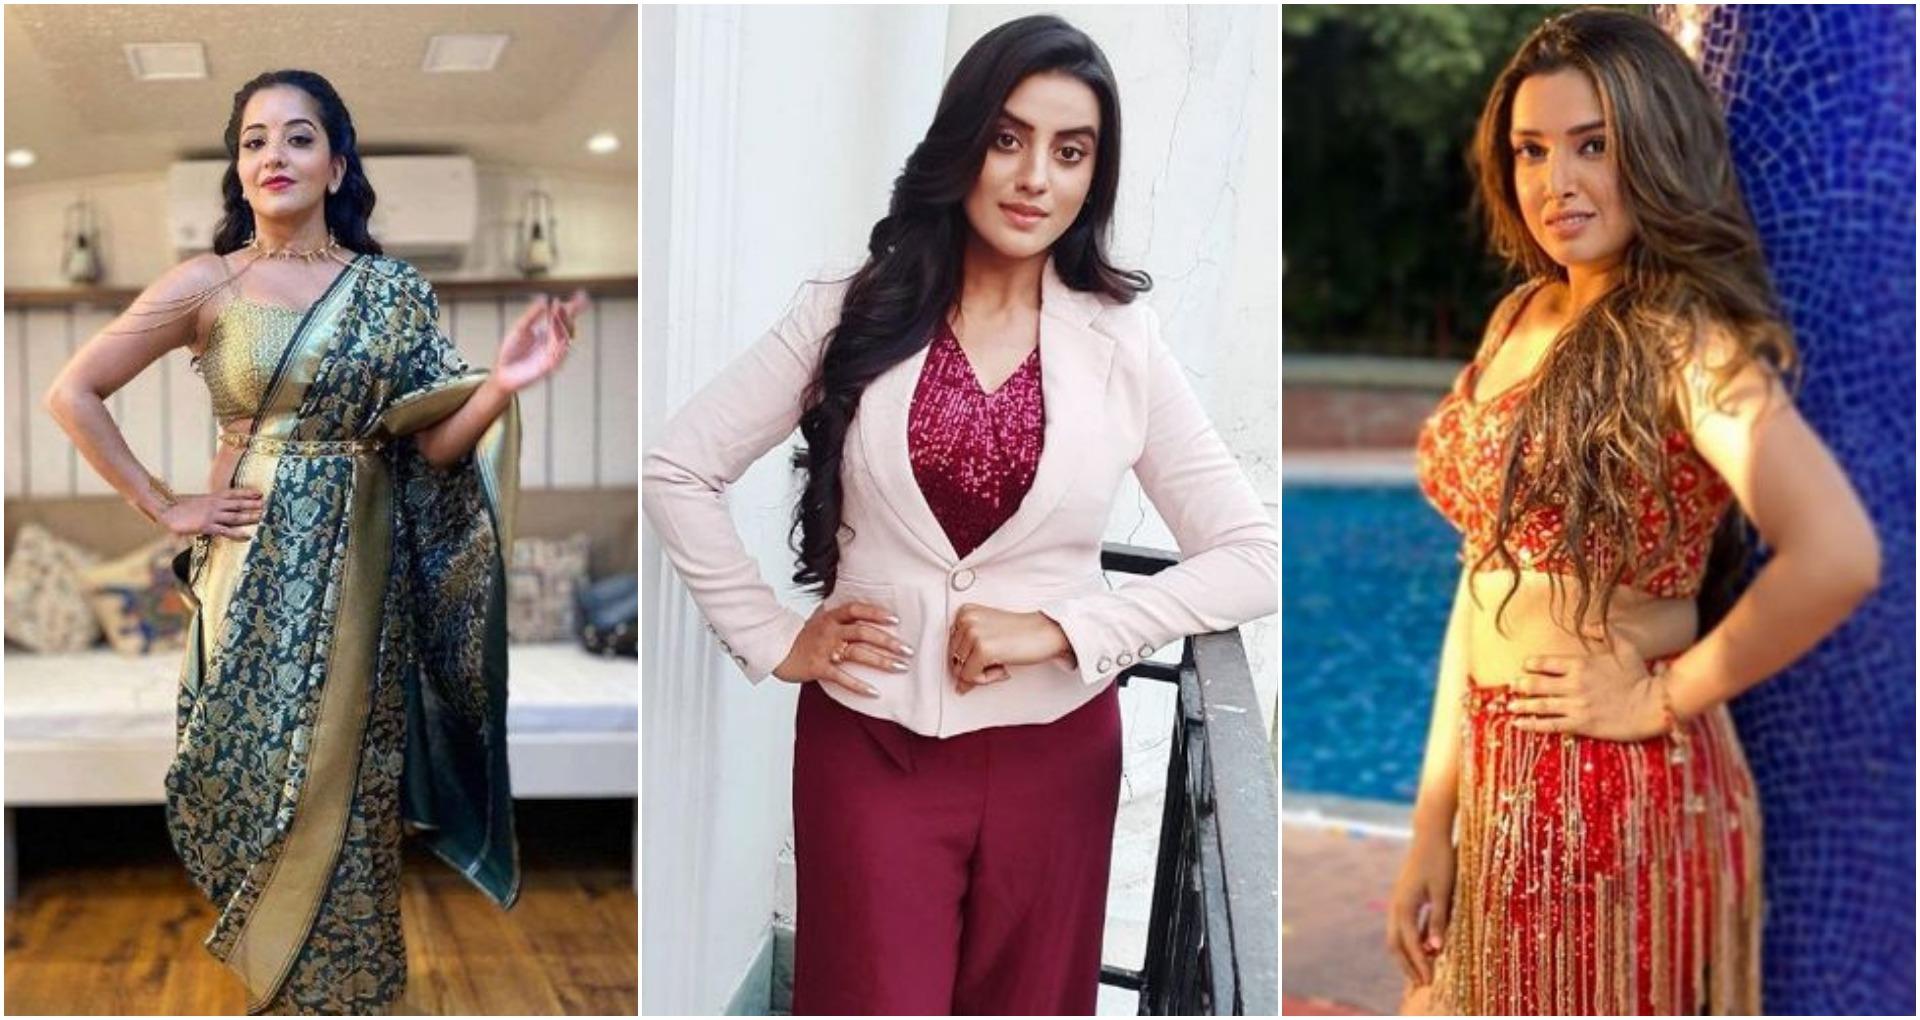 Bhojpuri Cinema: आम्रपाली दुबे, मोनालिसा और अक्षरा सिंह ने ऐसे शुरू किया अपना भोजपुरी फ़िल्मी करियर, पढ़ें